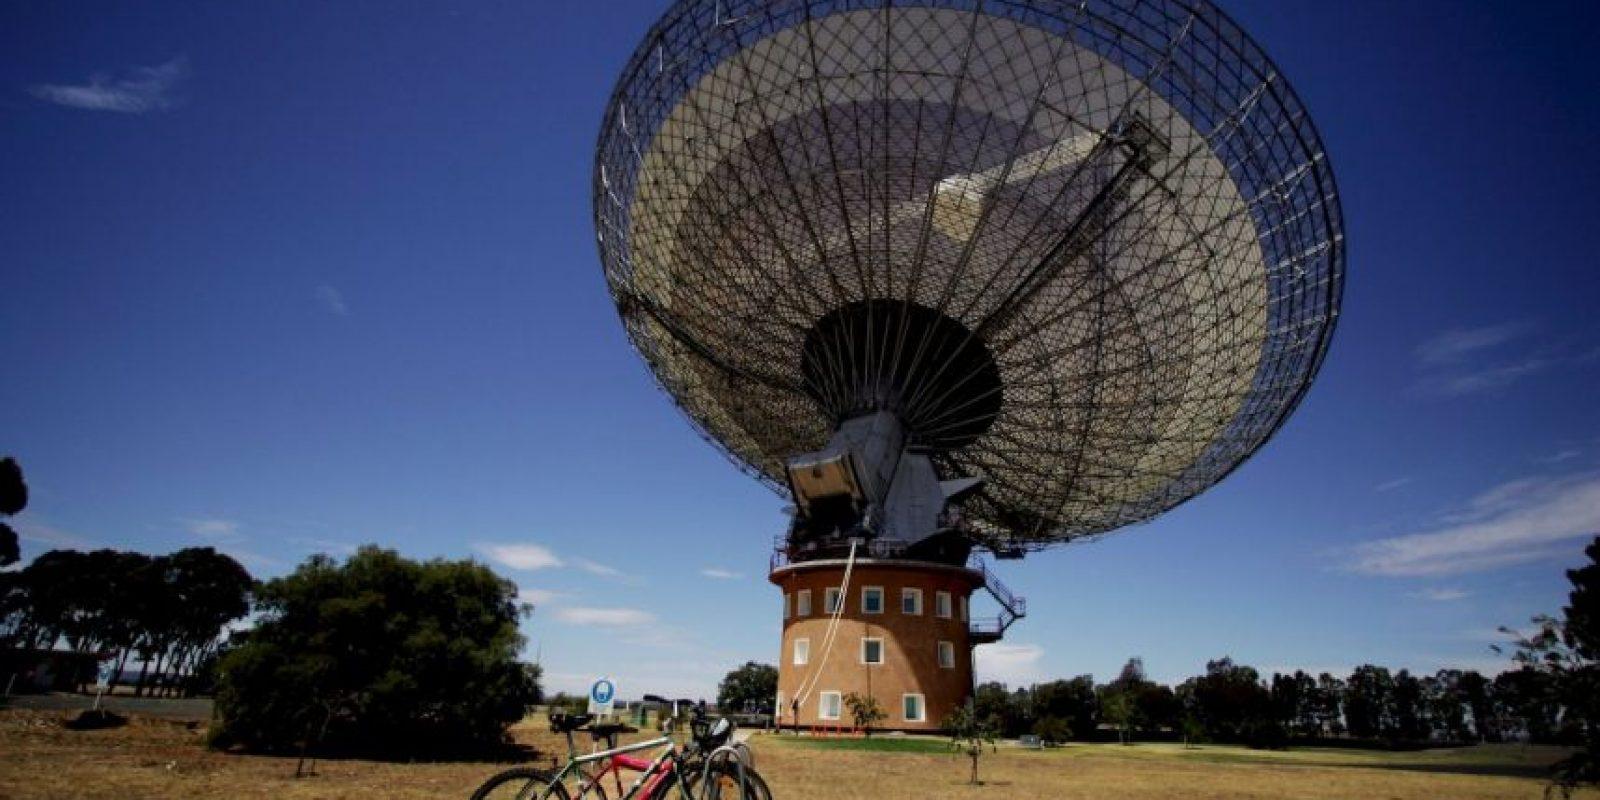 El Observatorio Parkes, es un observatorio radiotelescopio, situado a 20 kilómetros al norte de la ciudad de Parkes, Australia. Foto:Getty Images